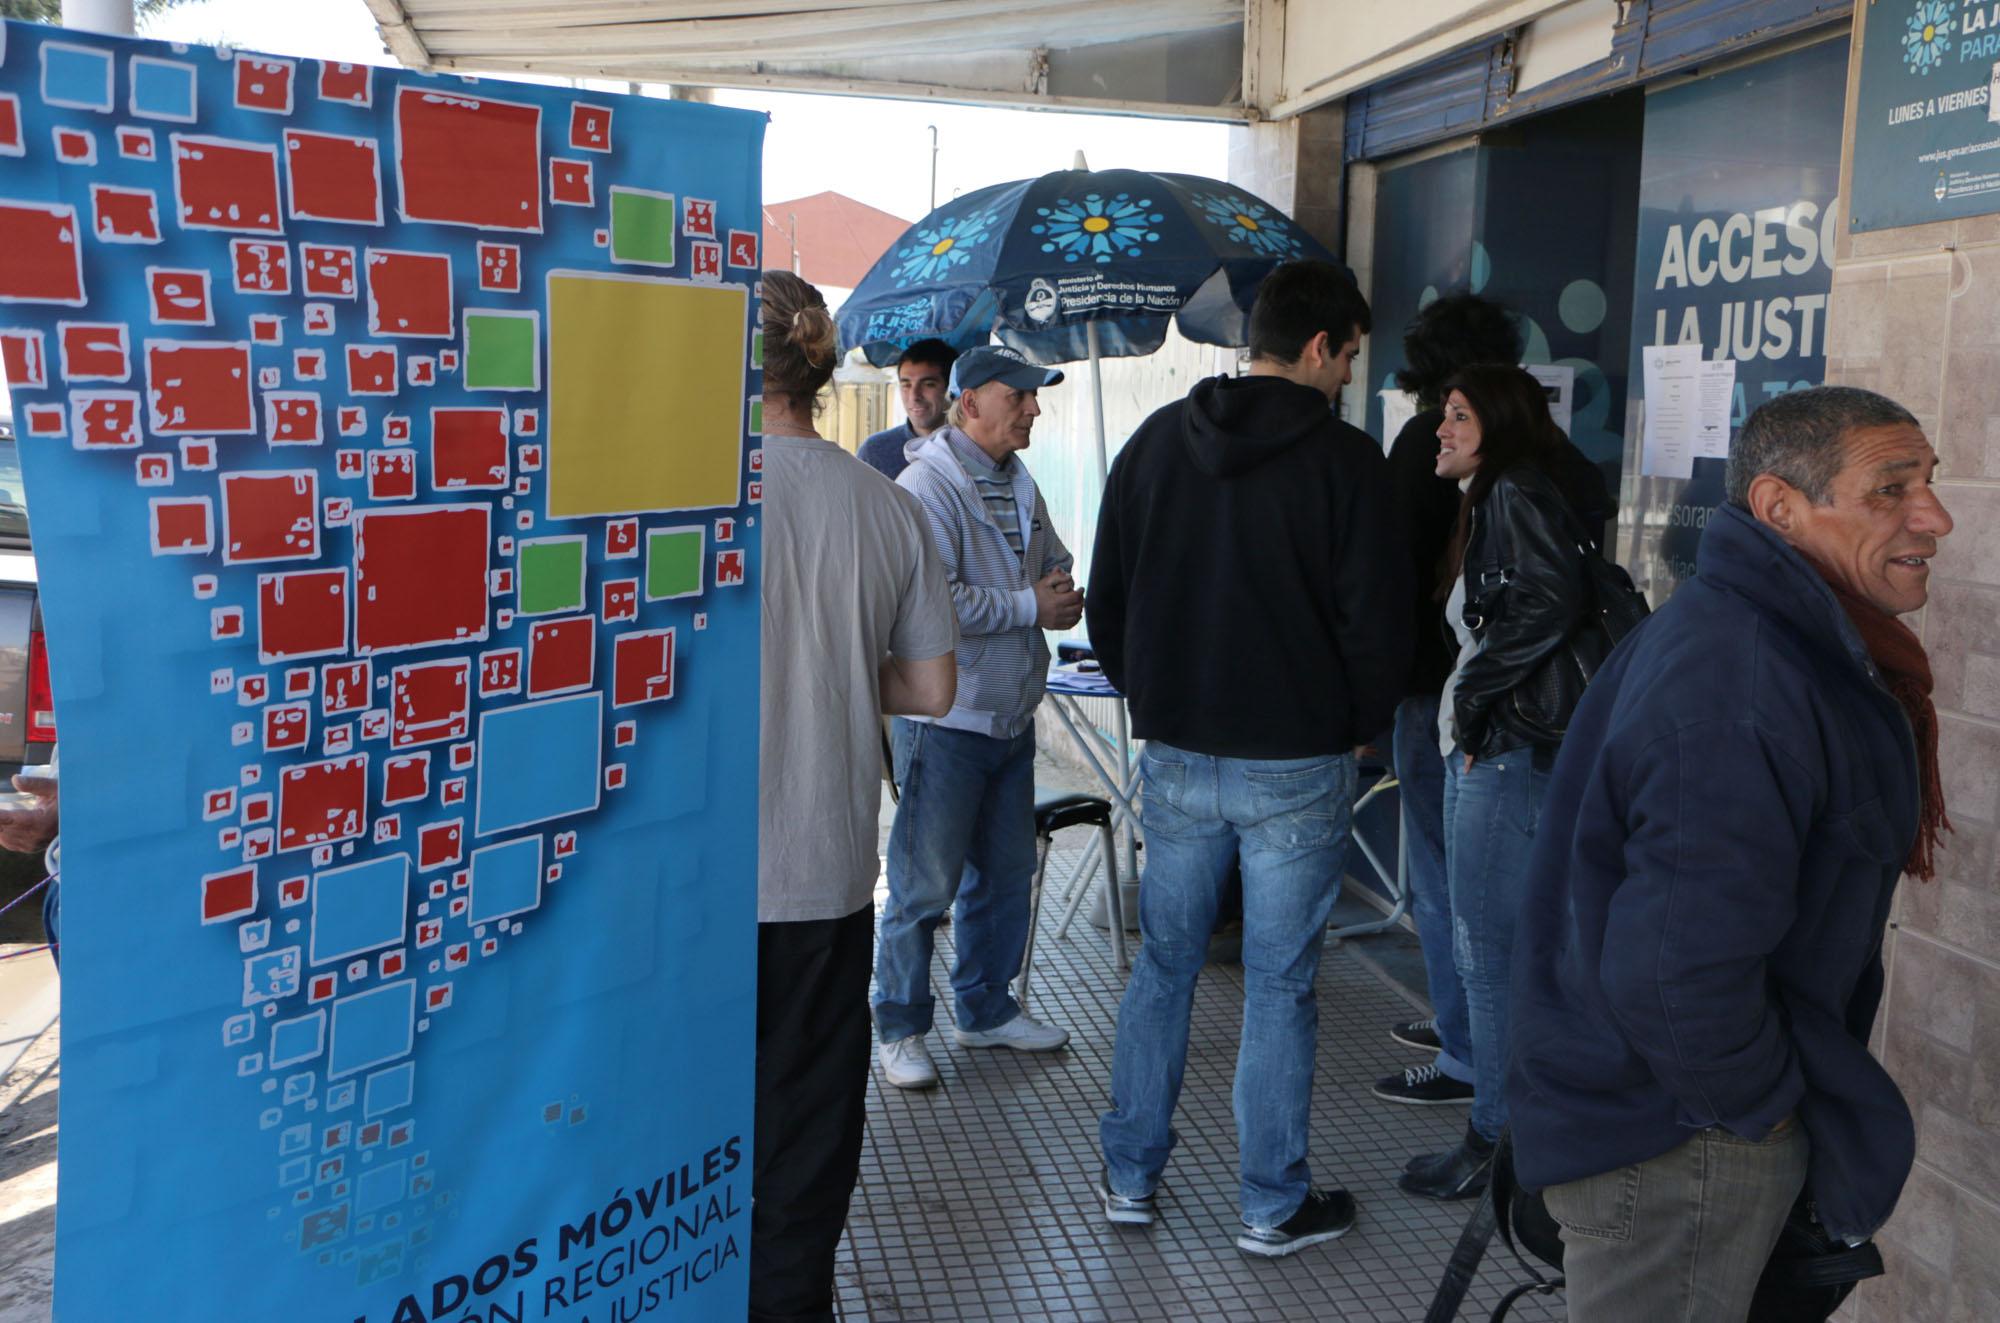 El Ministerio y el Consulado de Paraguay realizaron un operativo de migraciones en Malvinas Argentinas